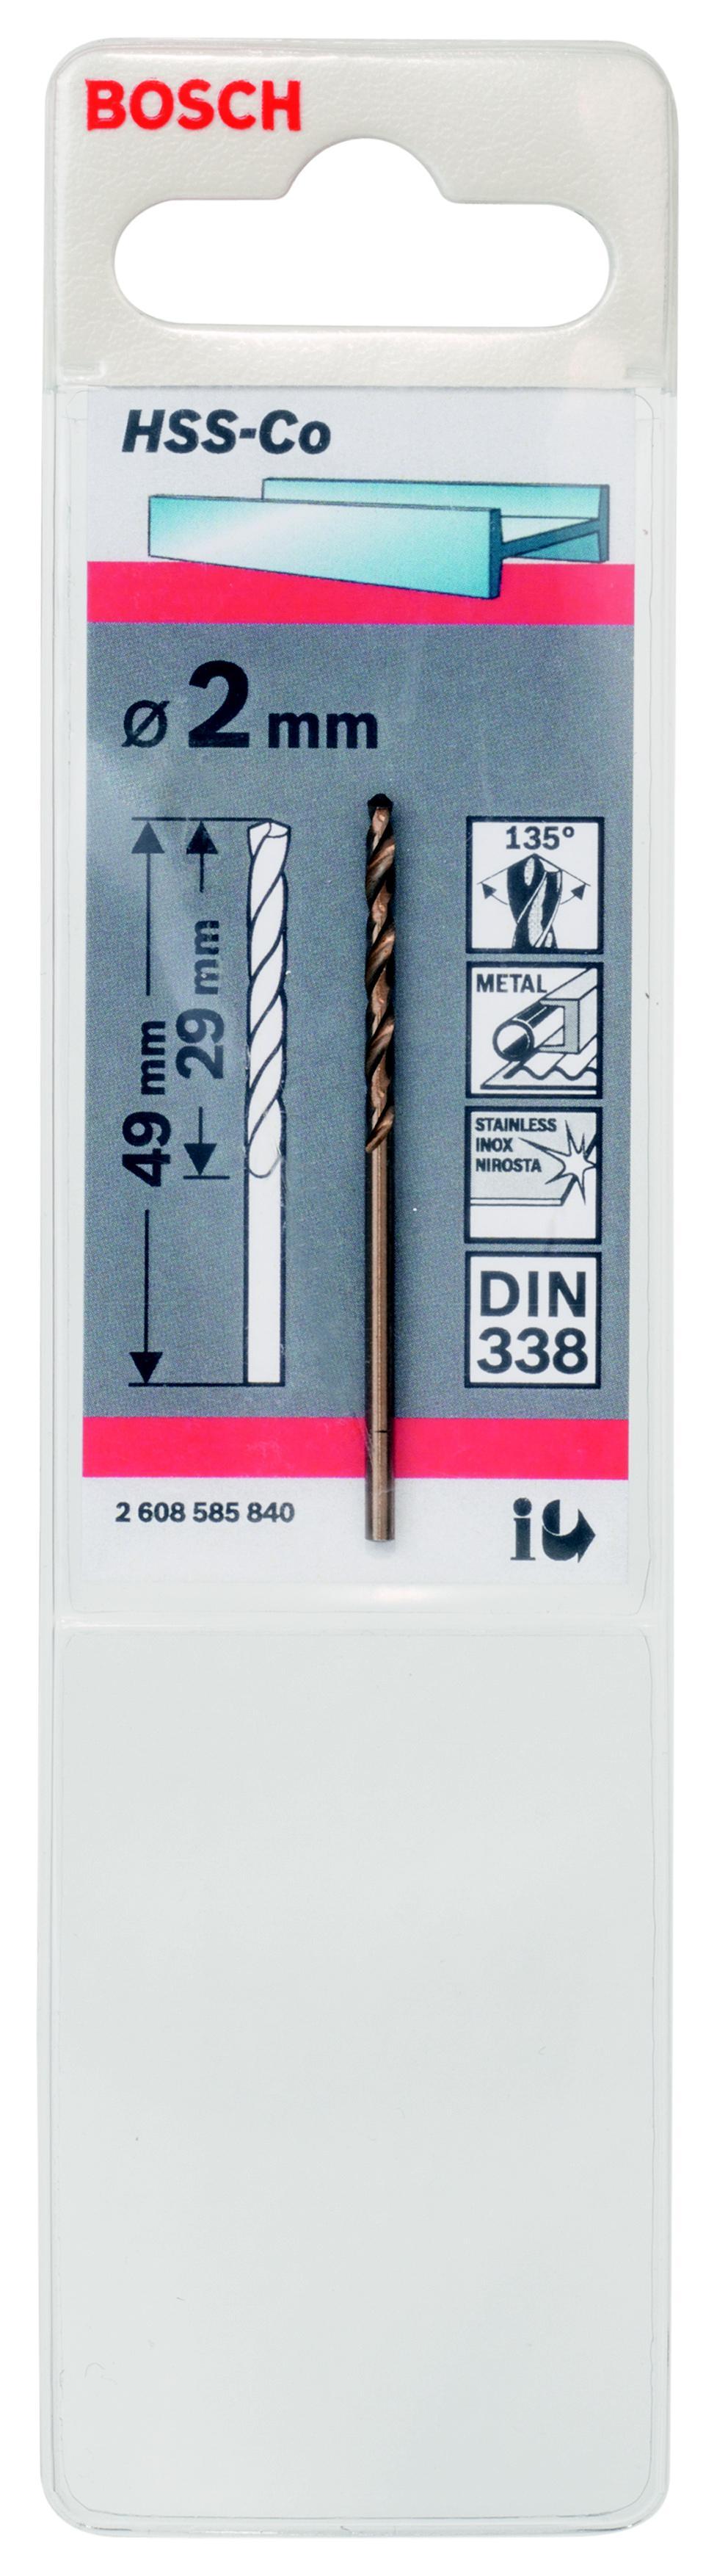 Сверло Bosch 1 hss-co (2.608.585.840) аксессуары veld co набор переводных татуировок черепа